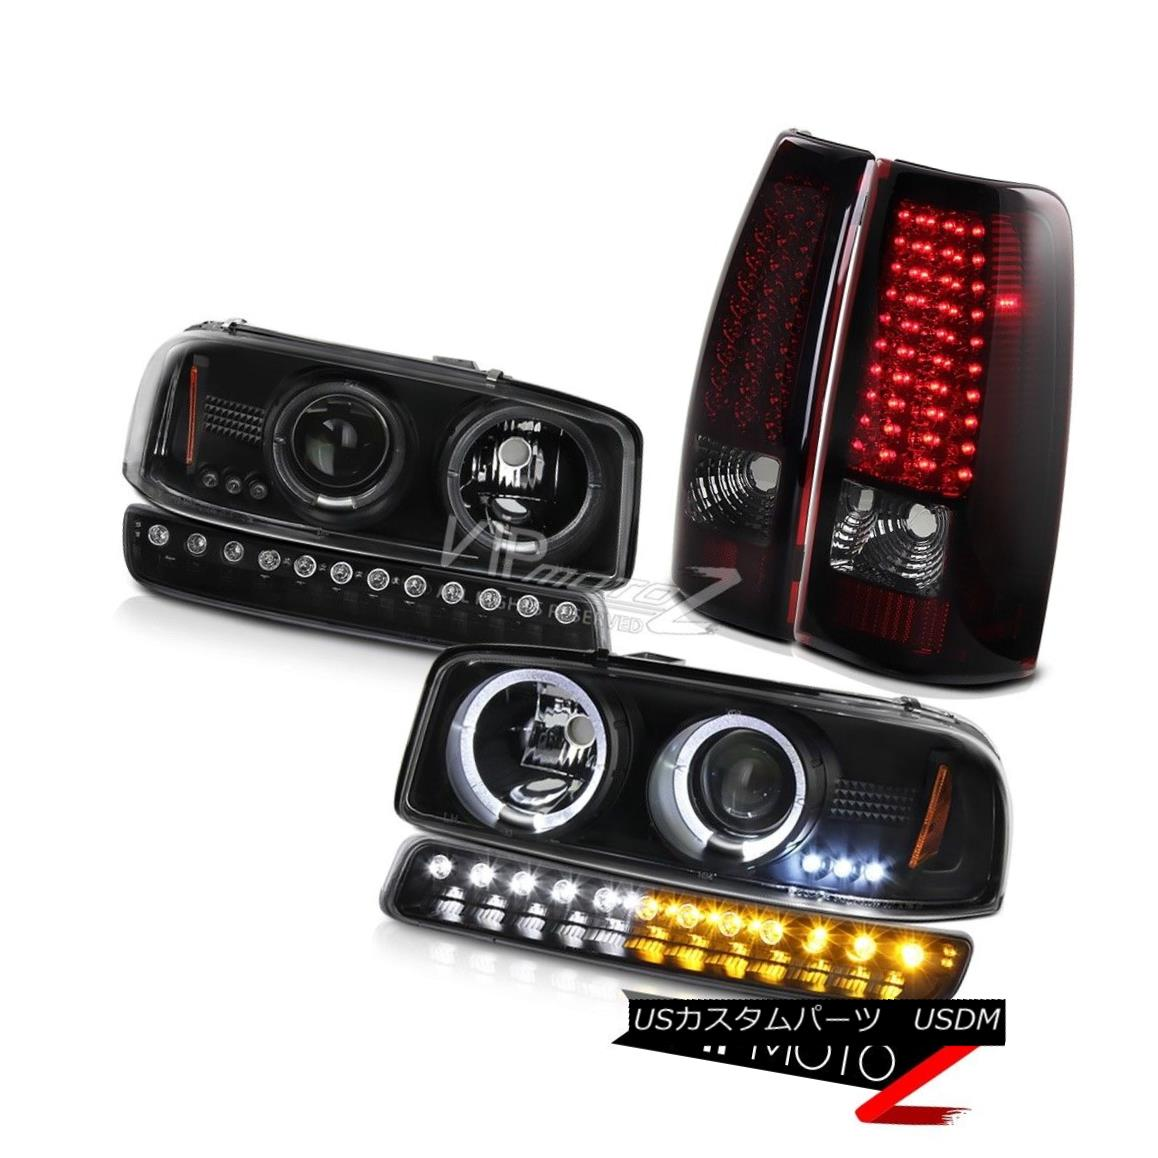 ヘッドライト 1999-2006 Sierra 6.0L Smokey red taillights raven black turn signal headlights 1999-2006シエラ6.0Lスモーキーレイルテールライトレーブンブラックターンシグナルヘッドライト